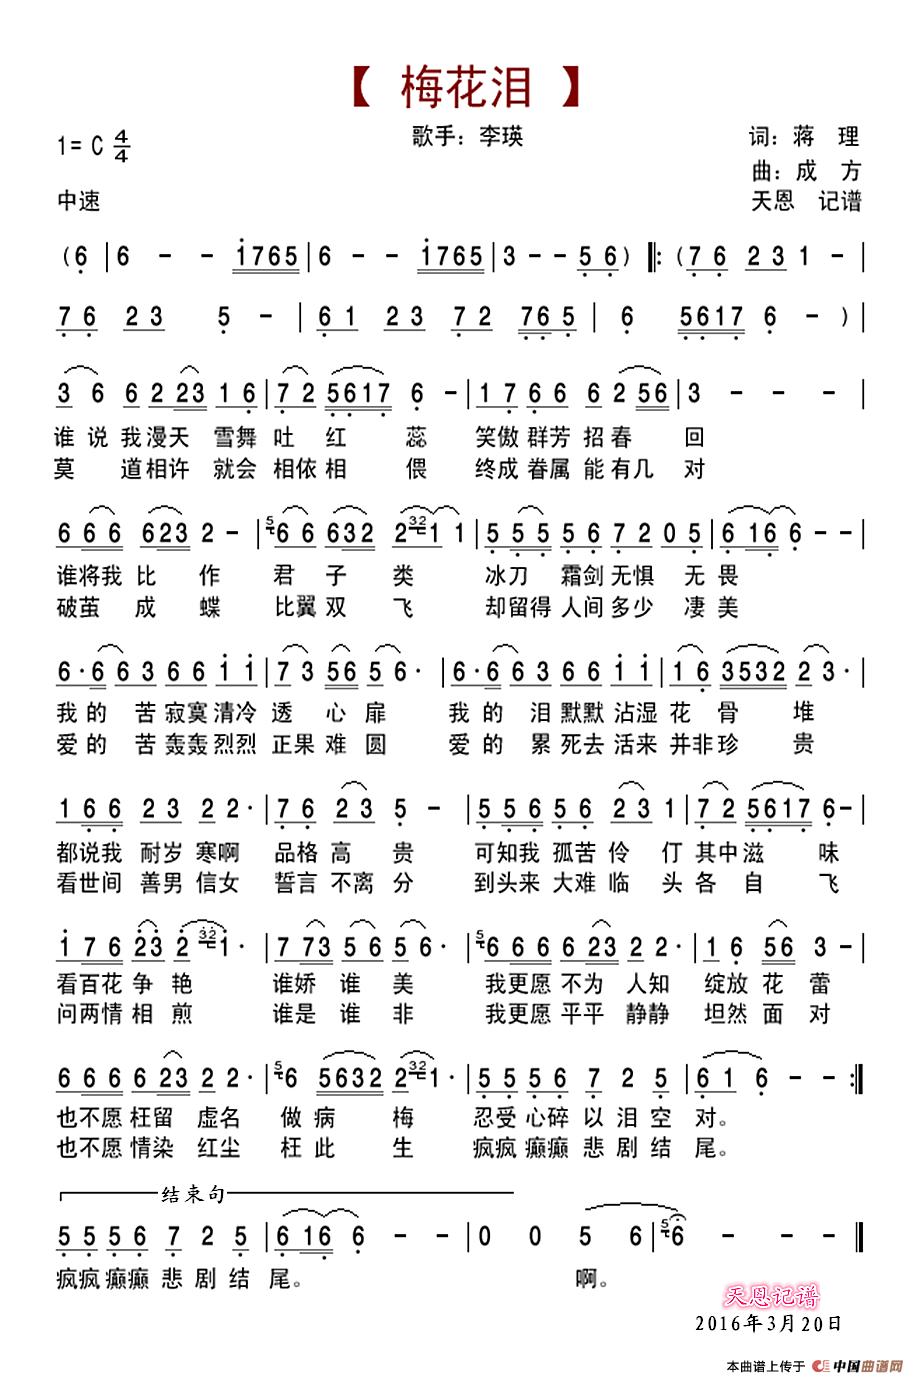 梅花泪简谱(蒋理词 成方曲)_天恩个人制谱园地_中国图片